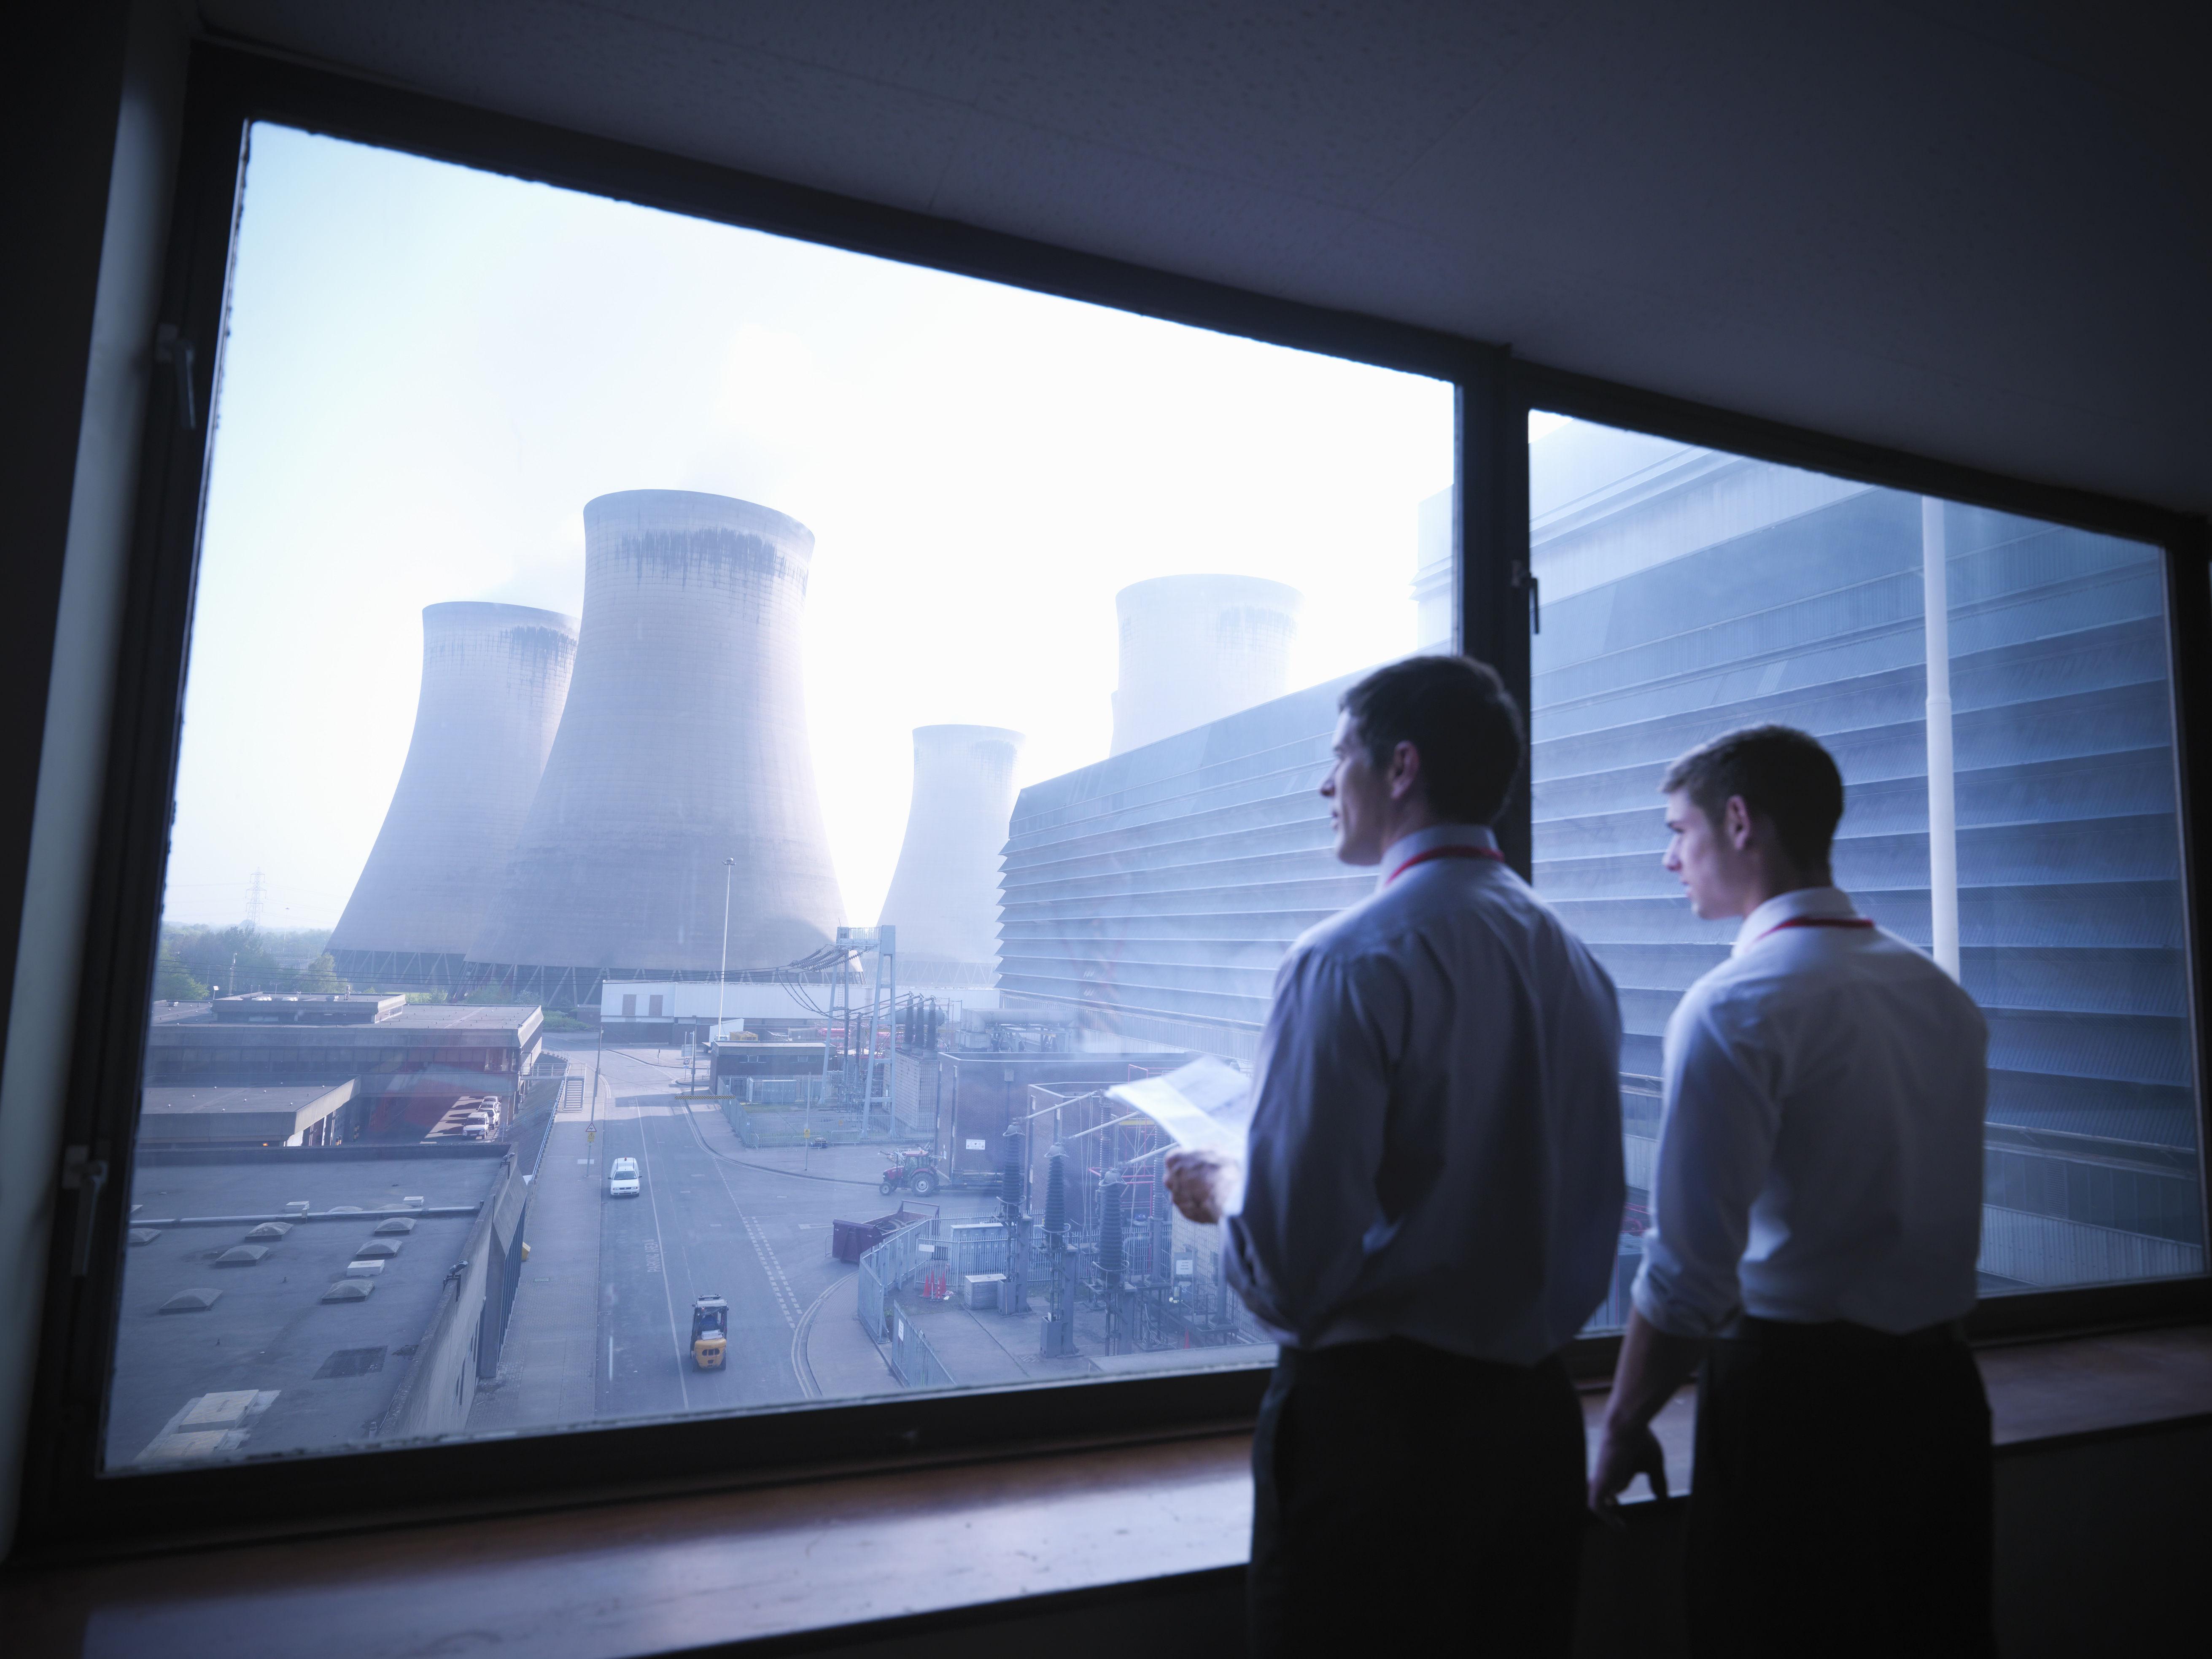 ¿Cuál de estos elementos se requiere para generar energía nuclear o fabricar bombas atómicas?